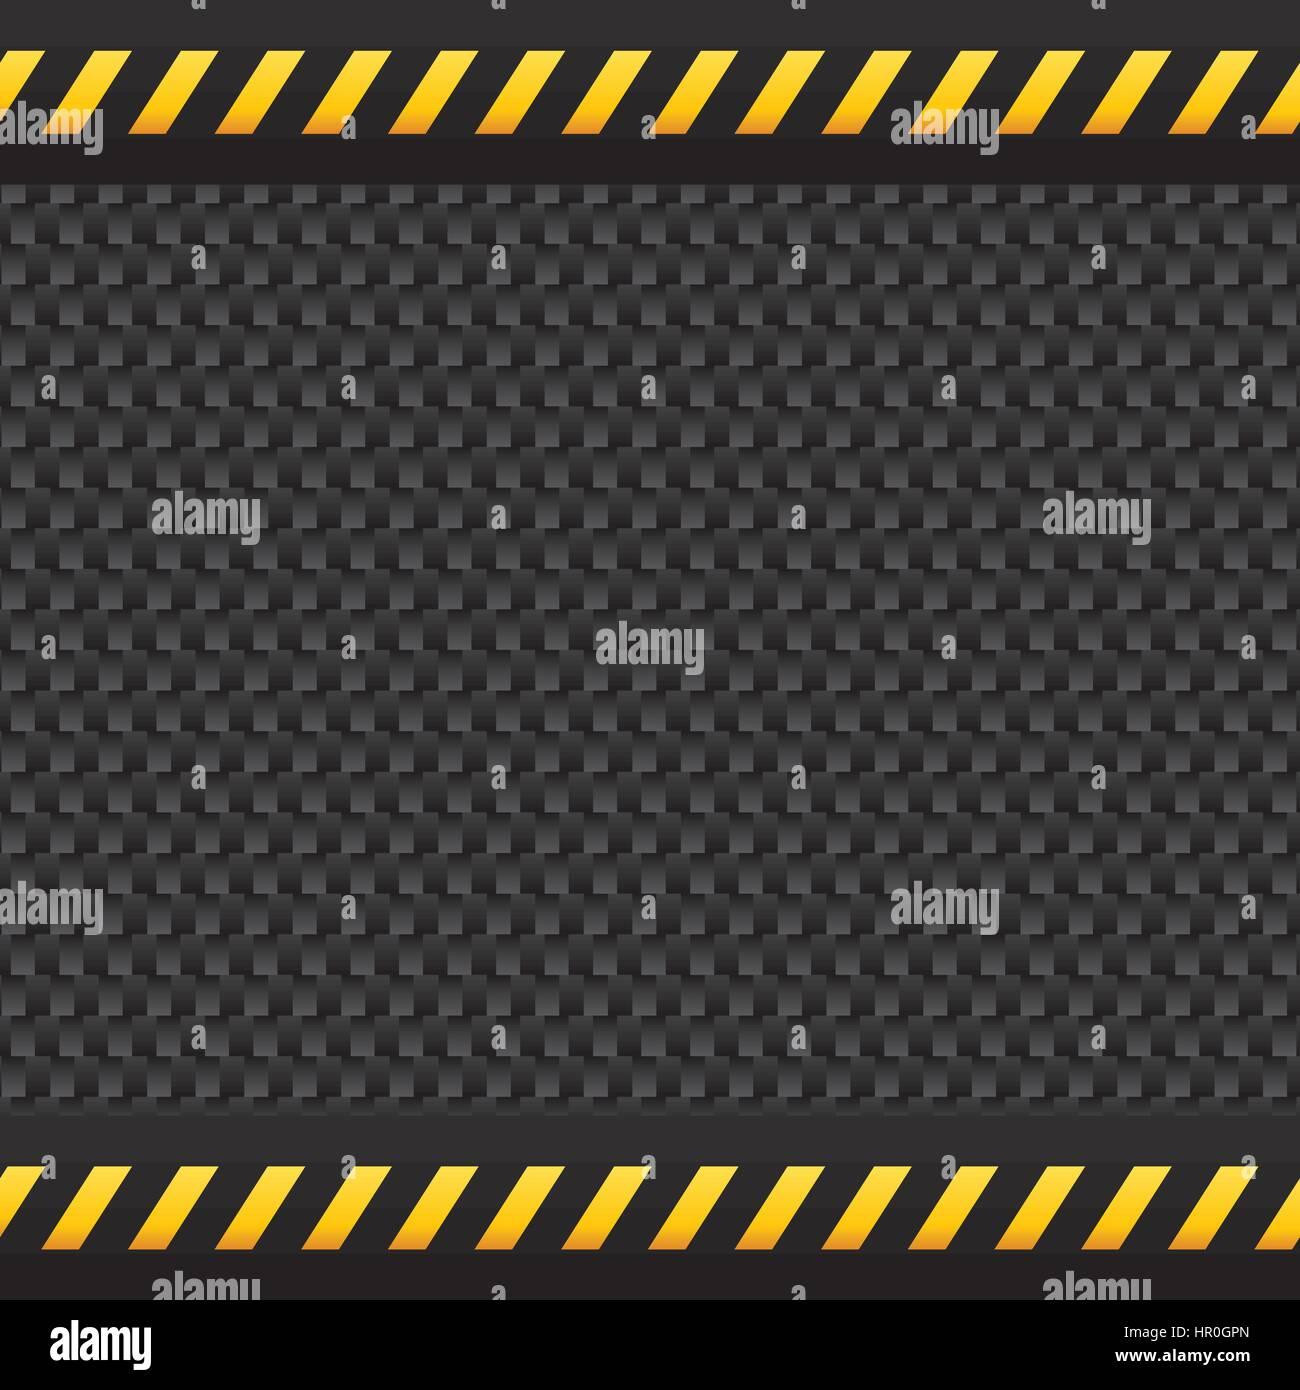 Metallic panel background - Stock Image